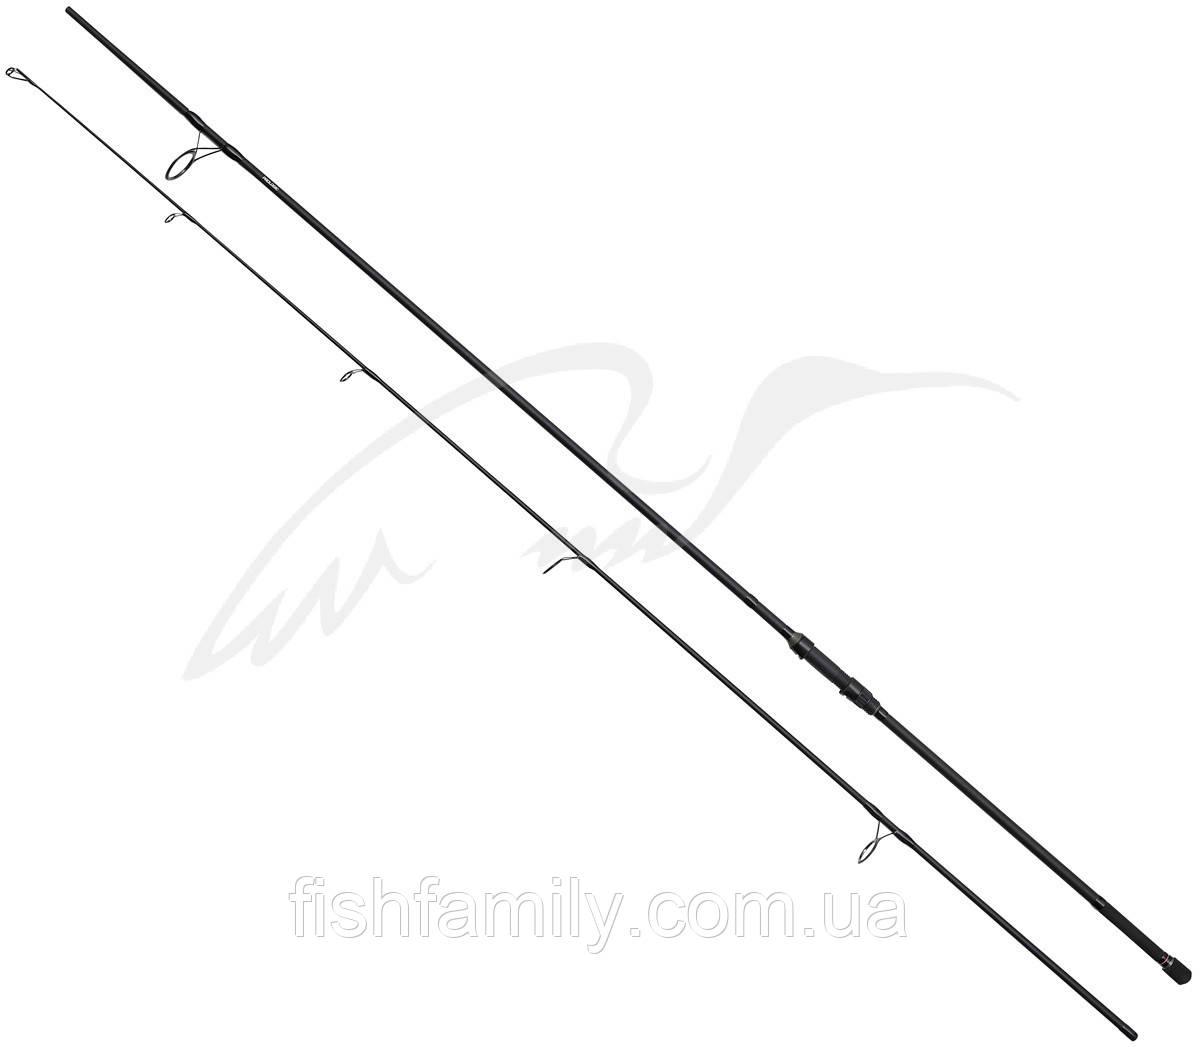 Удилище карповое Prologic Classic 12' 360cm 3.50lbs - 2sec.